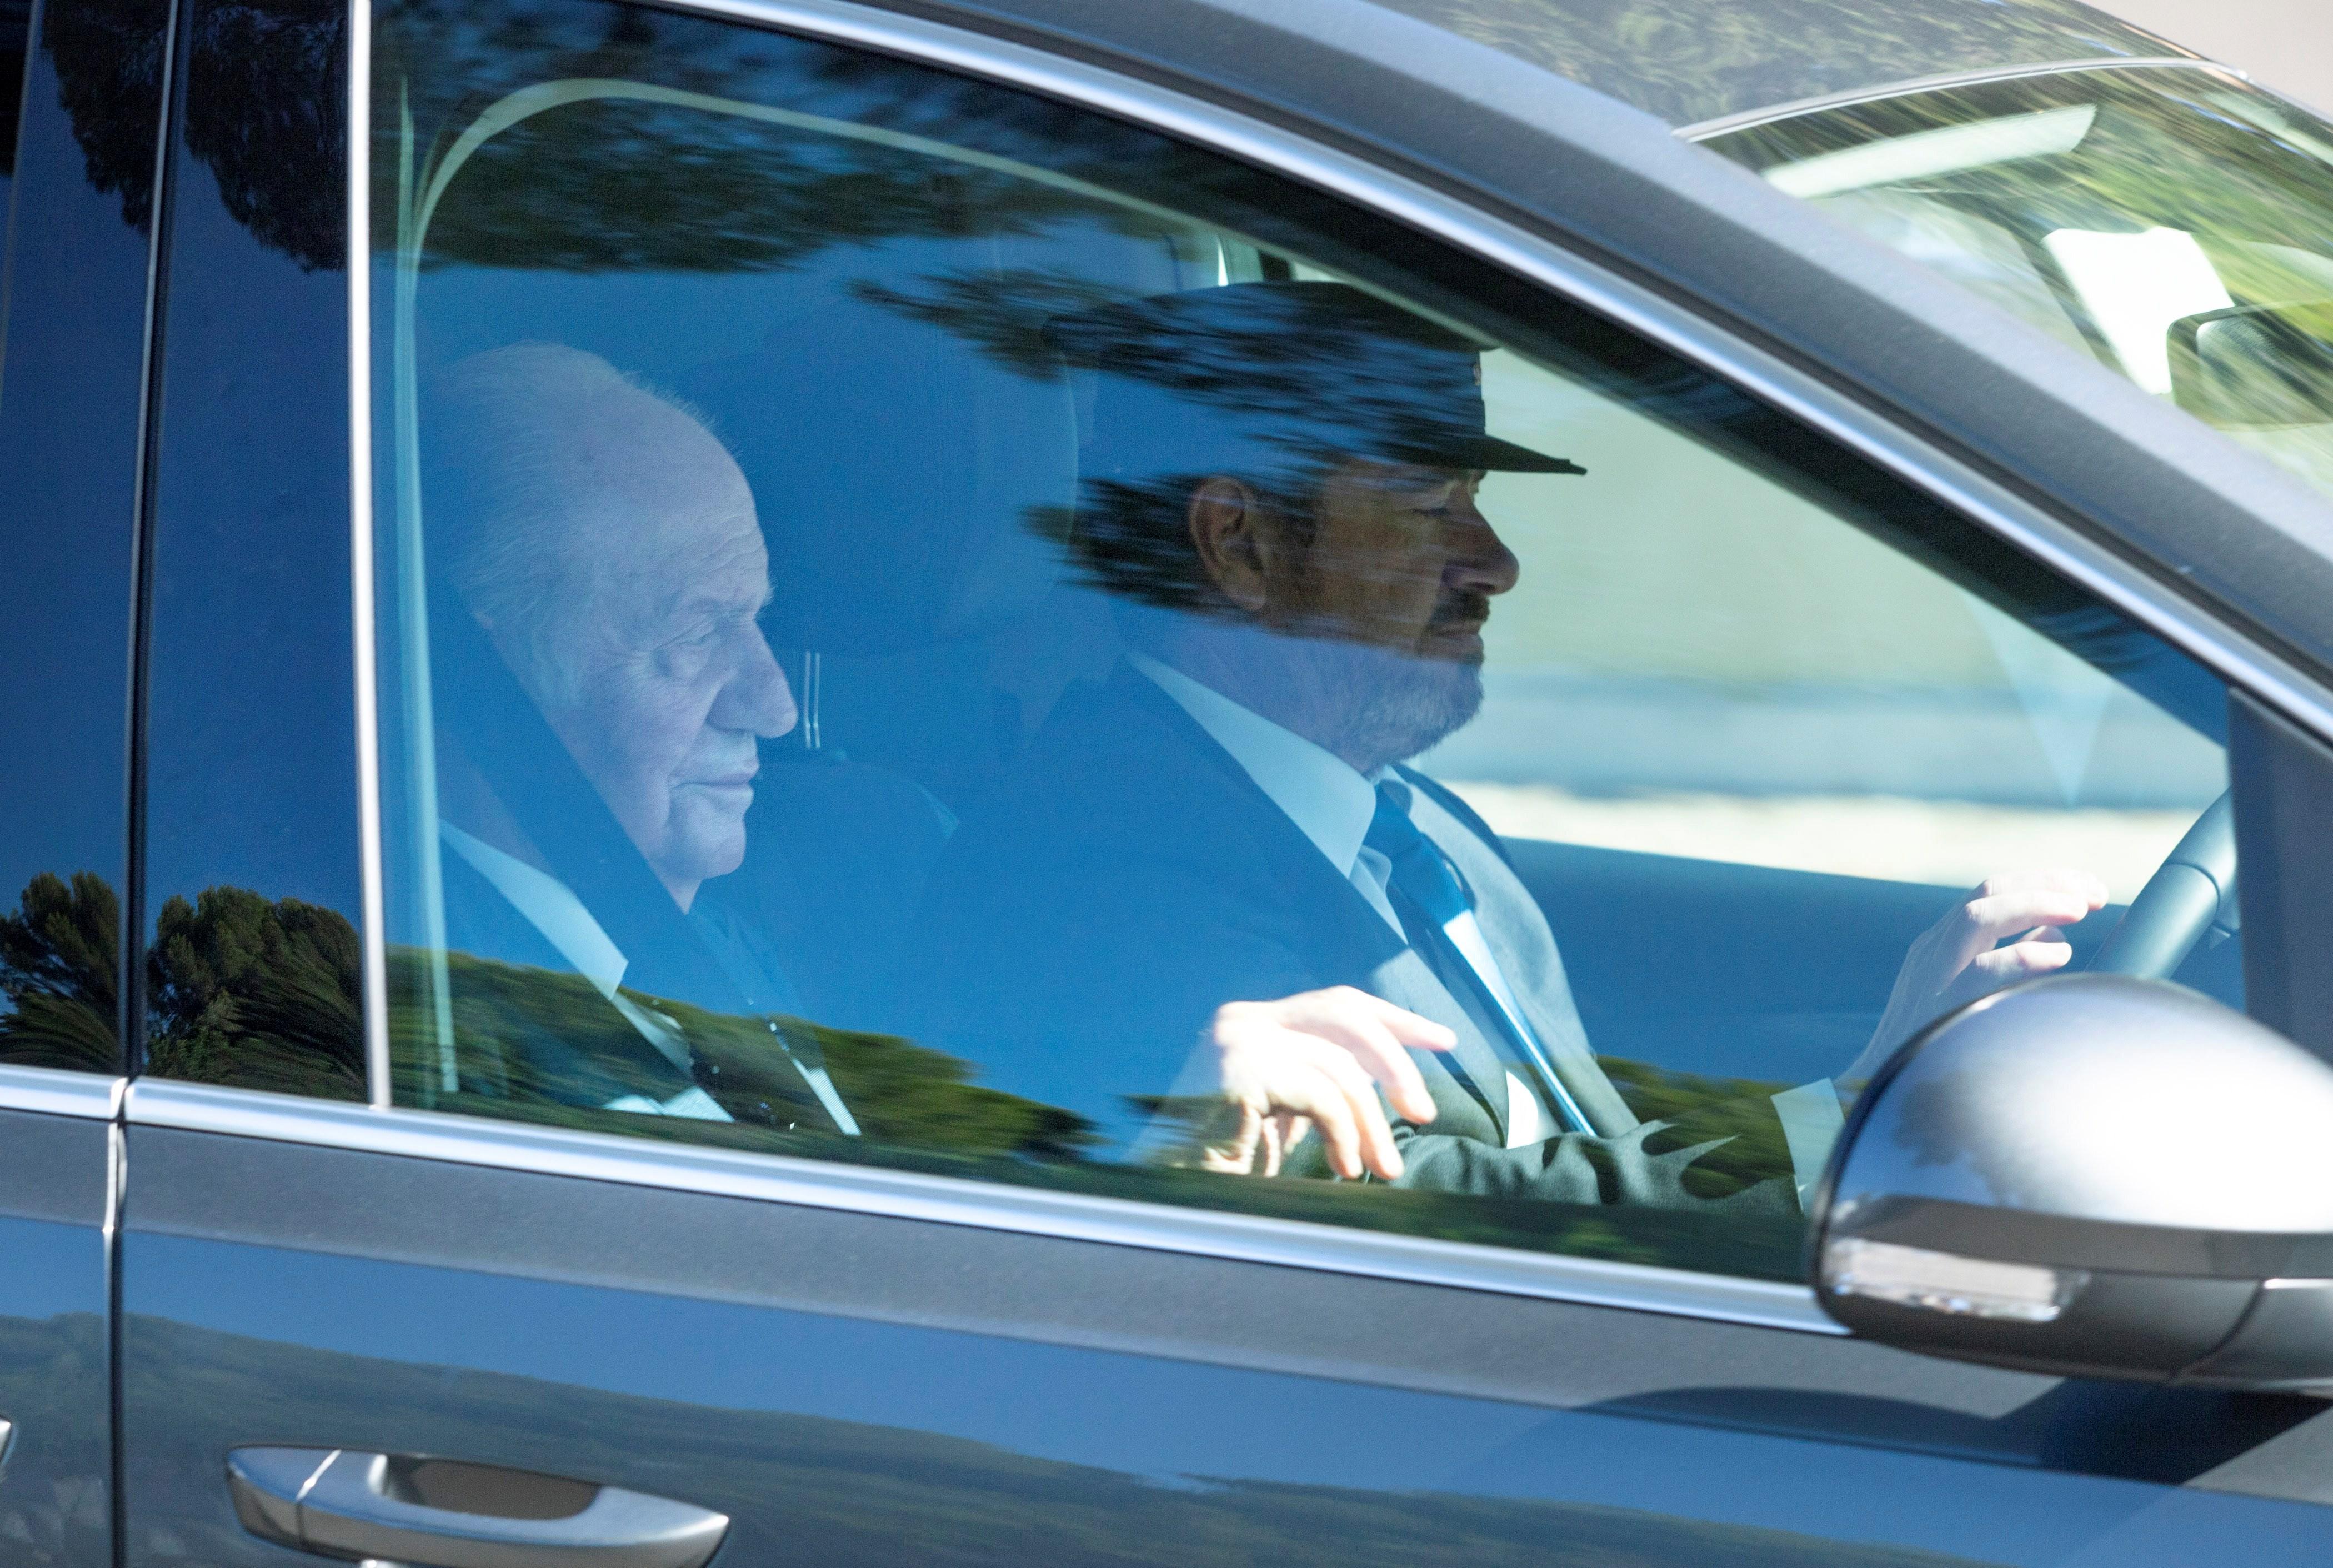 El rey Juan Carlos, invitado a la boda de Rafa Nadal y Mery Perelló, a su llegada en coche a Sa Fortalesa, la finca situada en la península de Punta Avançada, en Pollença, al norte de Mallorca, a la que no se puede acceder sin permiso. EFE/ Lliteres